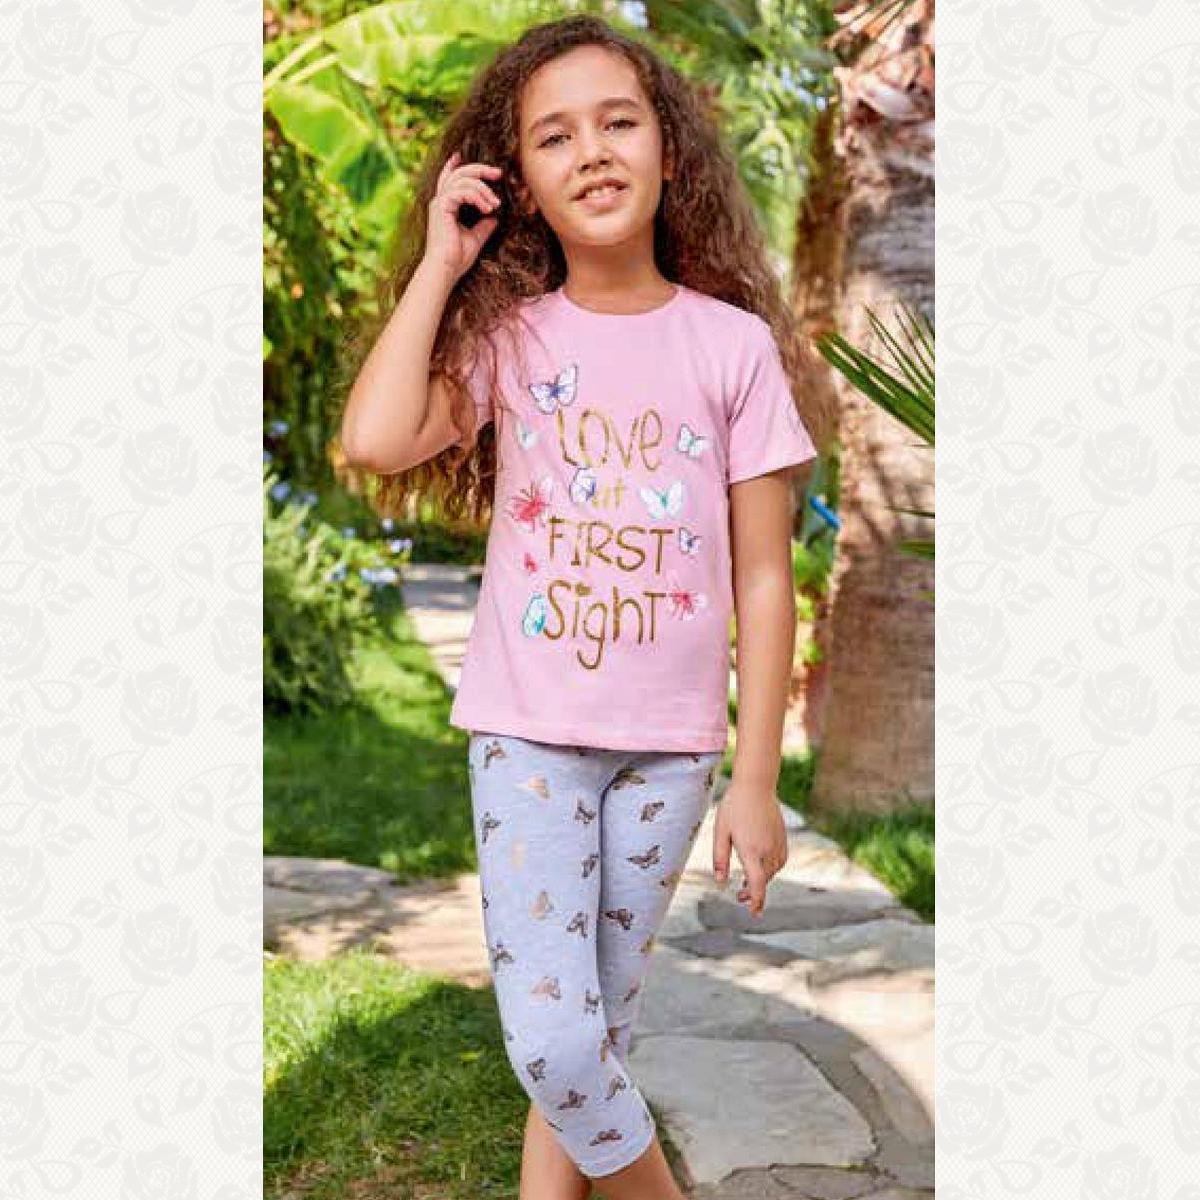 Домашний костюм для девочки, цвет розовый с фото